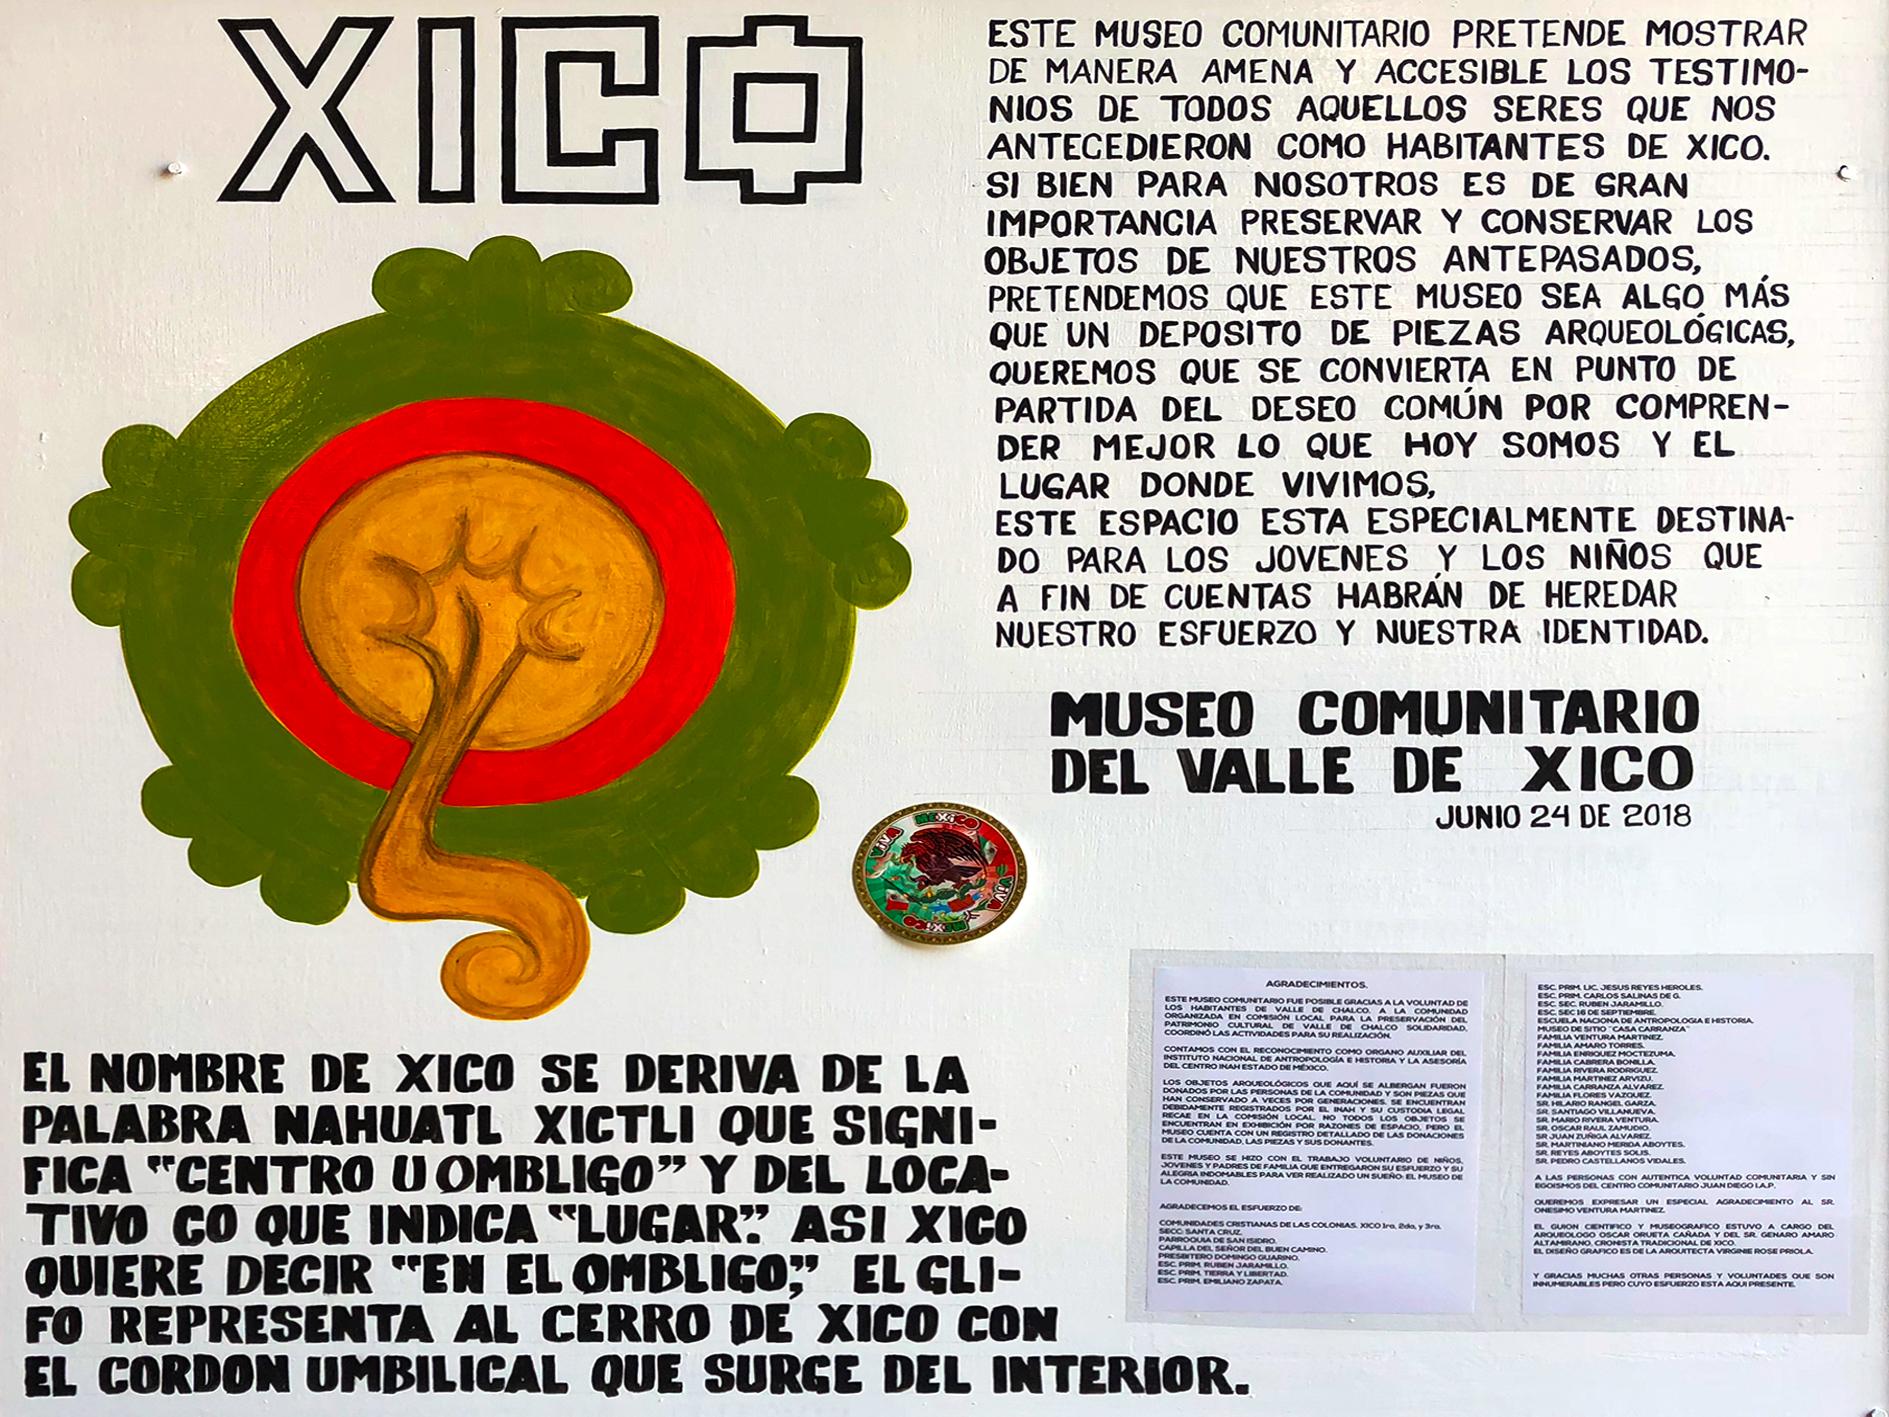 CDMX_MUSEO COMUNITARIO VALLE DE XICO_10